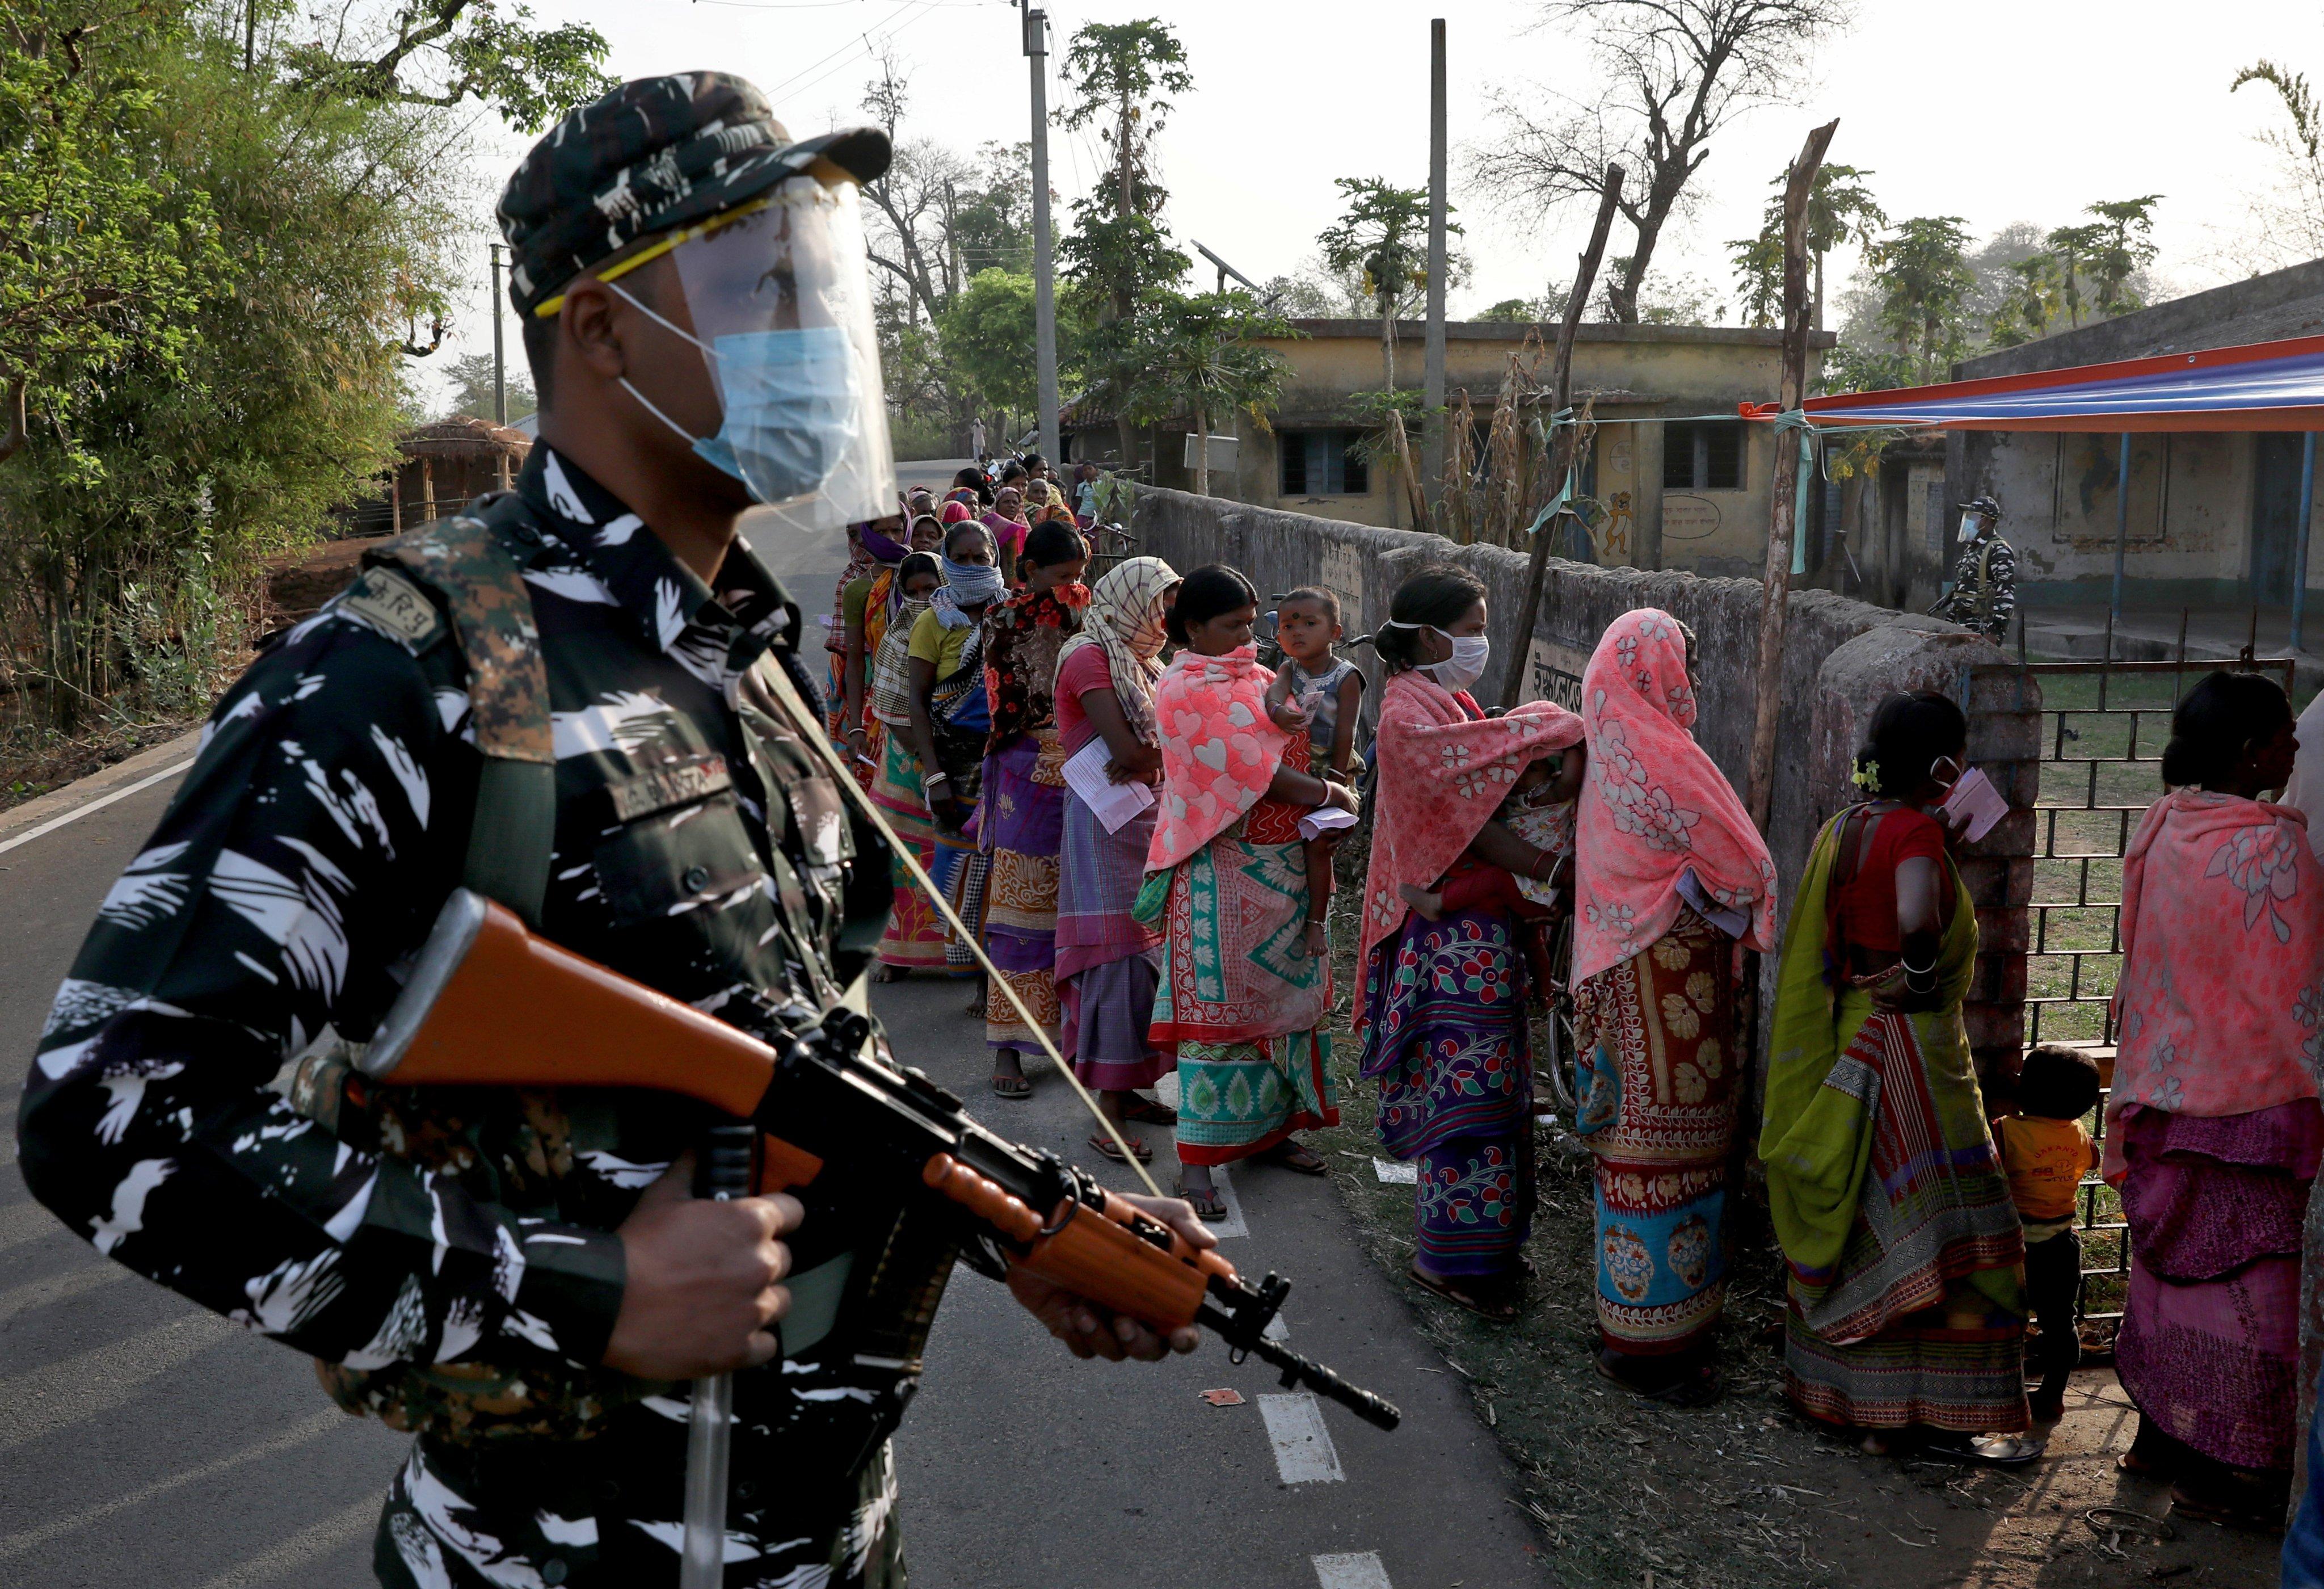 बंगाल चुनाव: आखिर 4 मिनट में कैसे घट गई करीब 8% वोटिंग? TMC ने चुनाव आयोग से शिकायत की